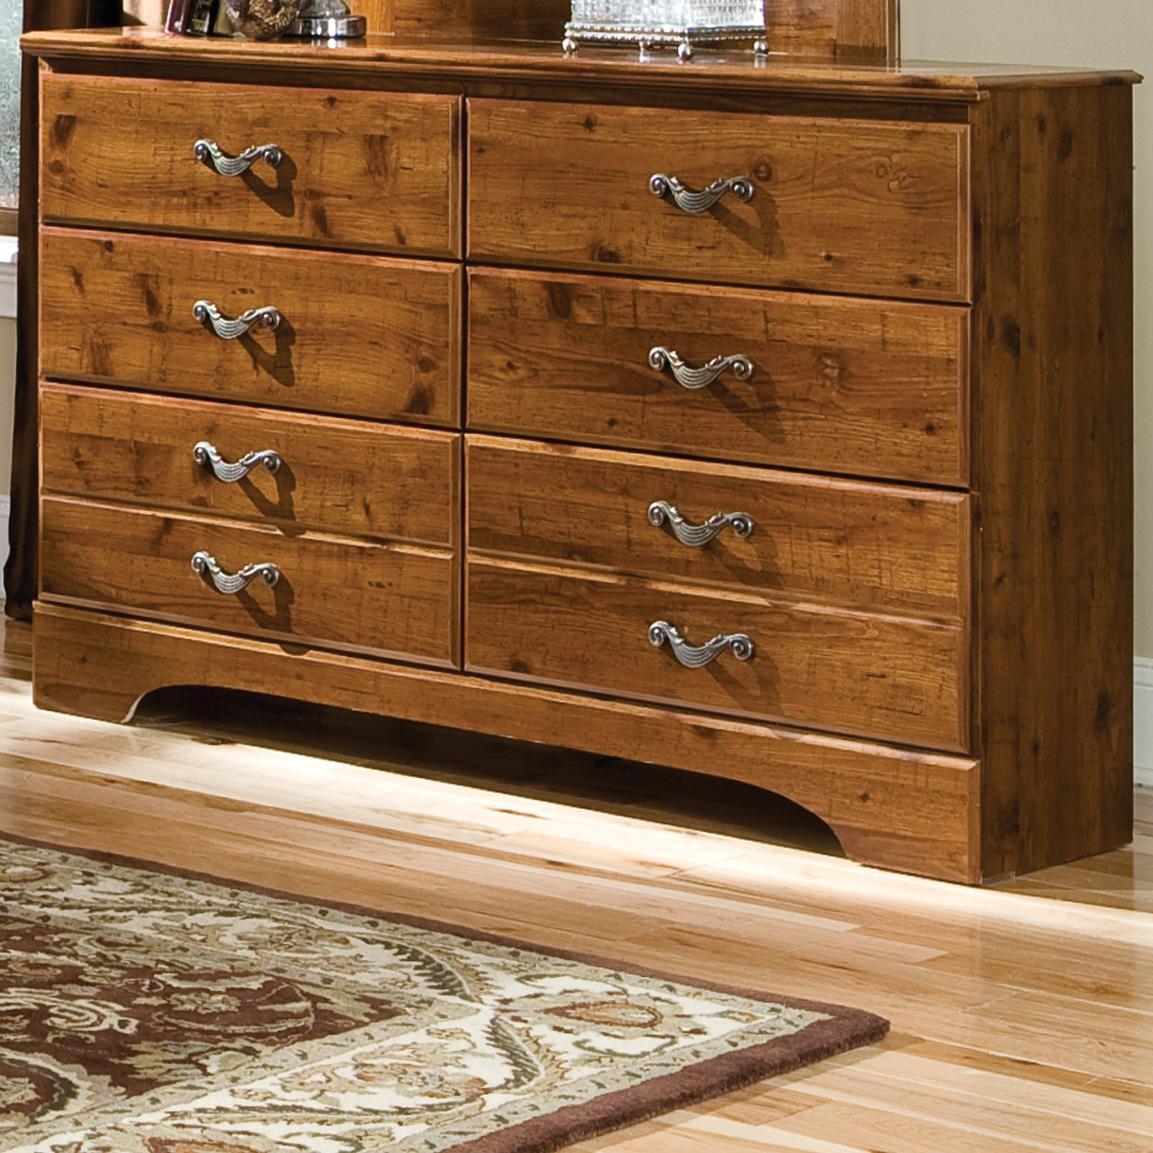 Standard Furniture Hester Heights 6 Drawer Dresser - Item Number: 61159